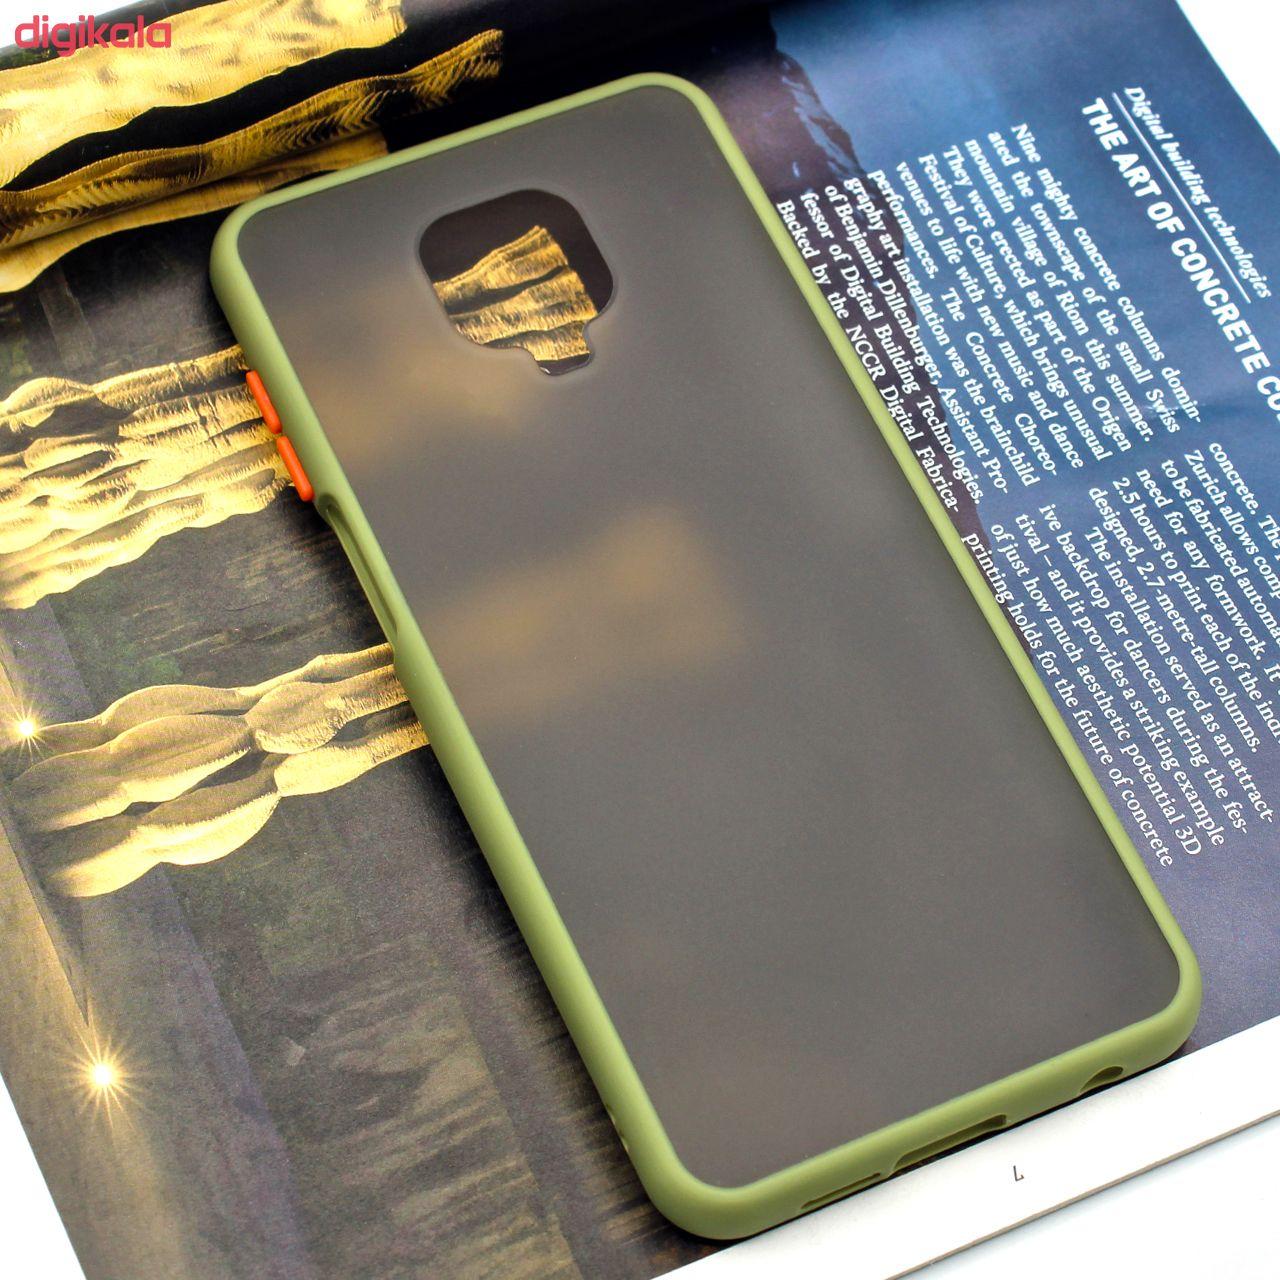 کاور لاین کینگ مدل M21 مناسب برای گوشی موبایل شیائومی Redmi Note 9S / Note 9 Pro / Note 9 Pro Max main 1 6